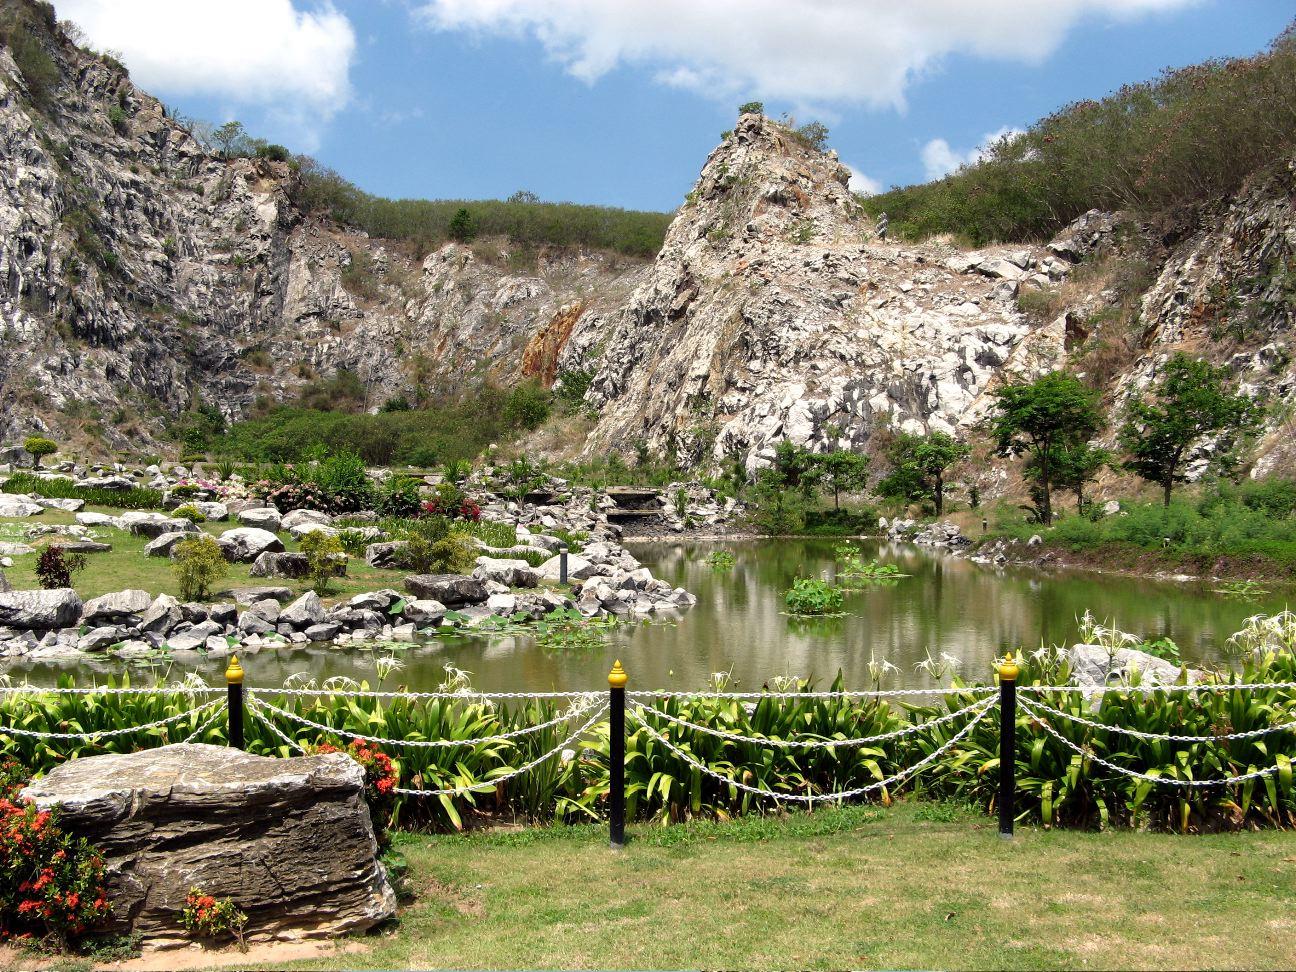 Cool rock garden.  It rocks!!!!